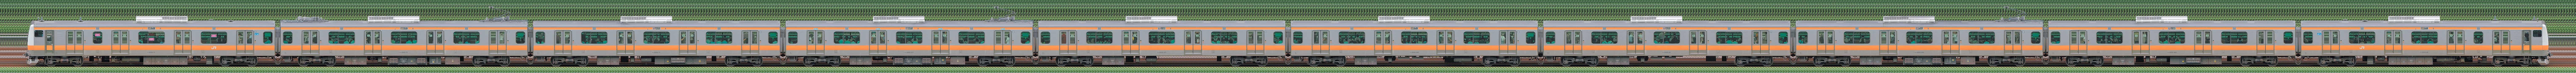 JR東日本 中央快速線 E233系T71編成(山側)の編成サイドビュー